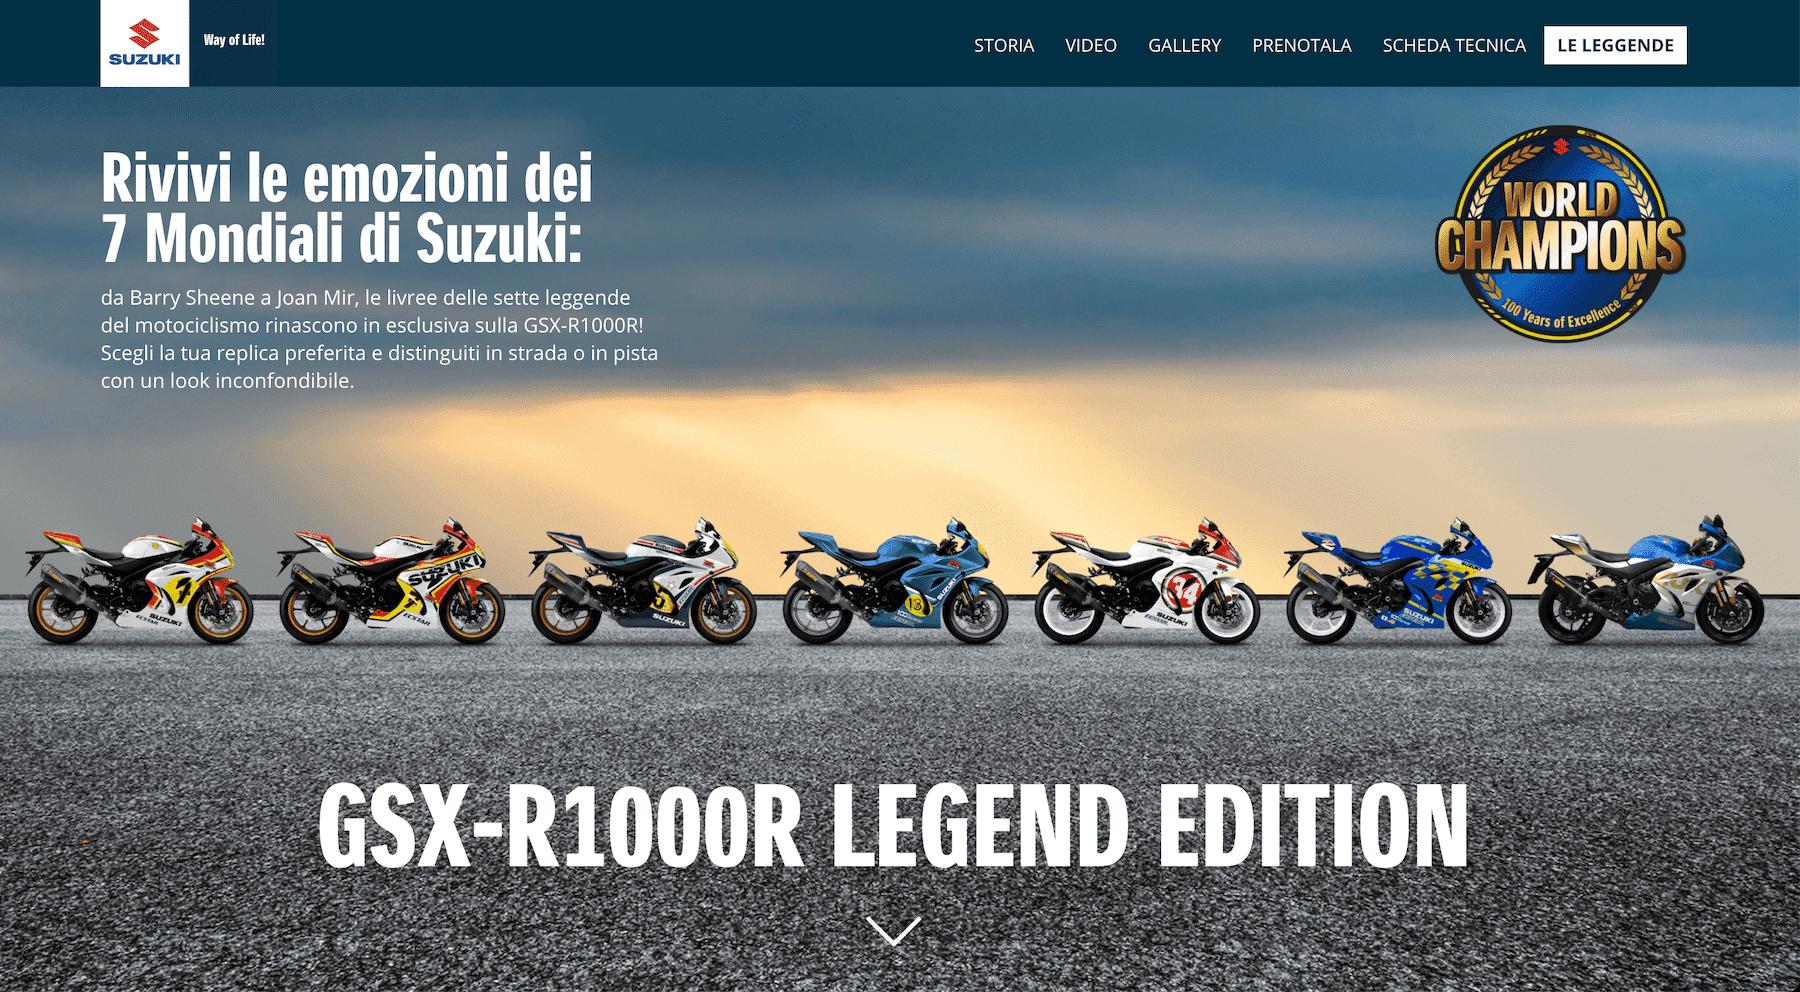 スズキ 欧州限定で往年のチャンピオン特別カラーを採用したGSX-R1000R LEGEND EDITIONを予約発売